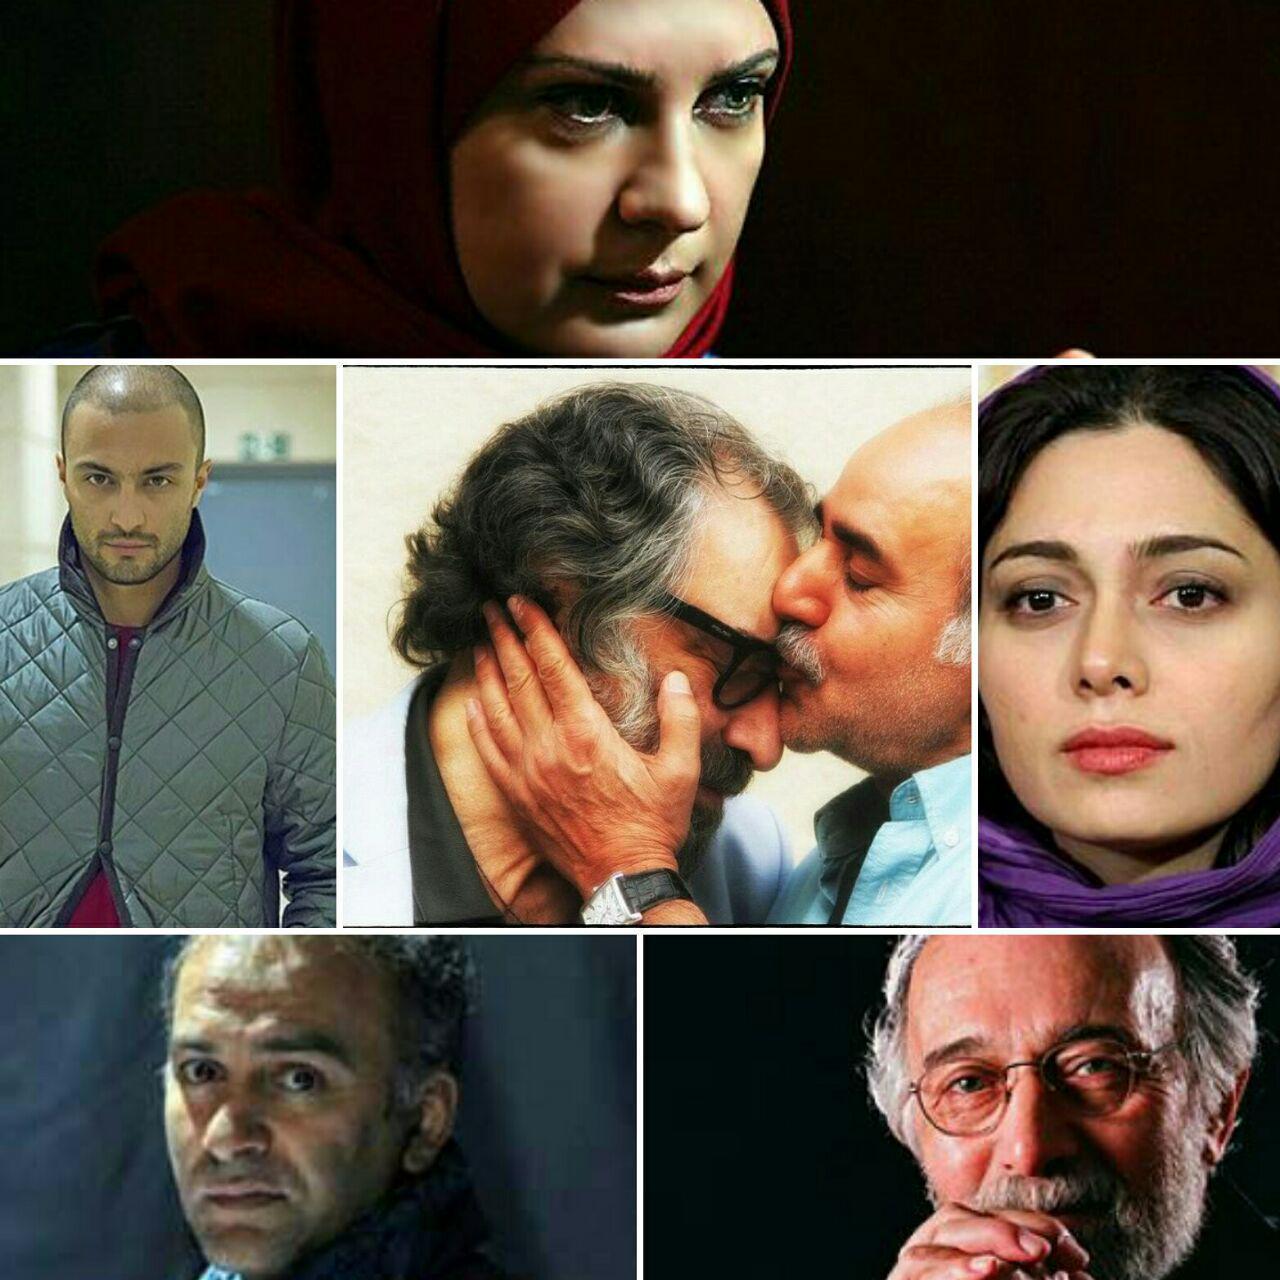 امیر جدیدی، لعیا زنگنه و  پرويز پورحسينى به فیلم قاتل اهلی پیوستند